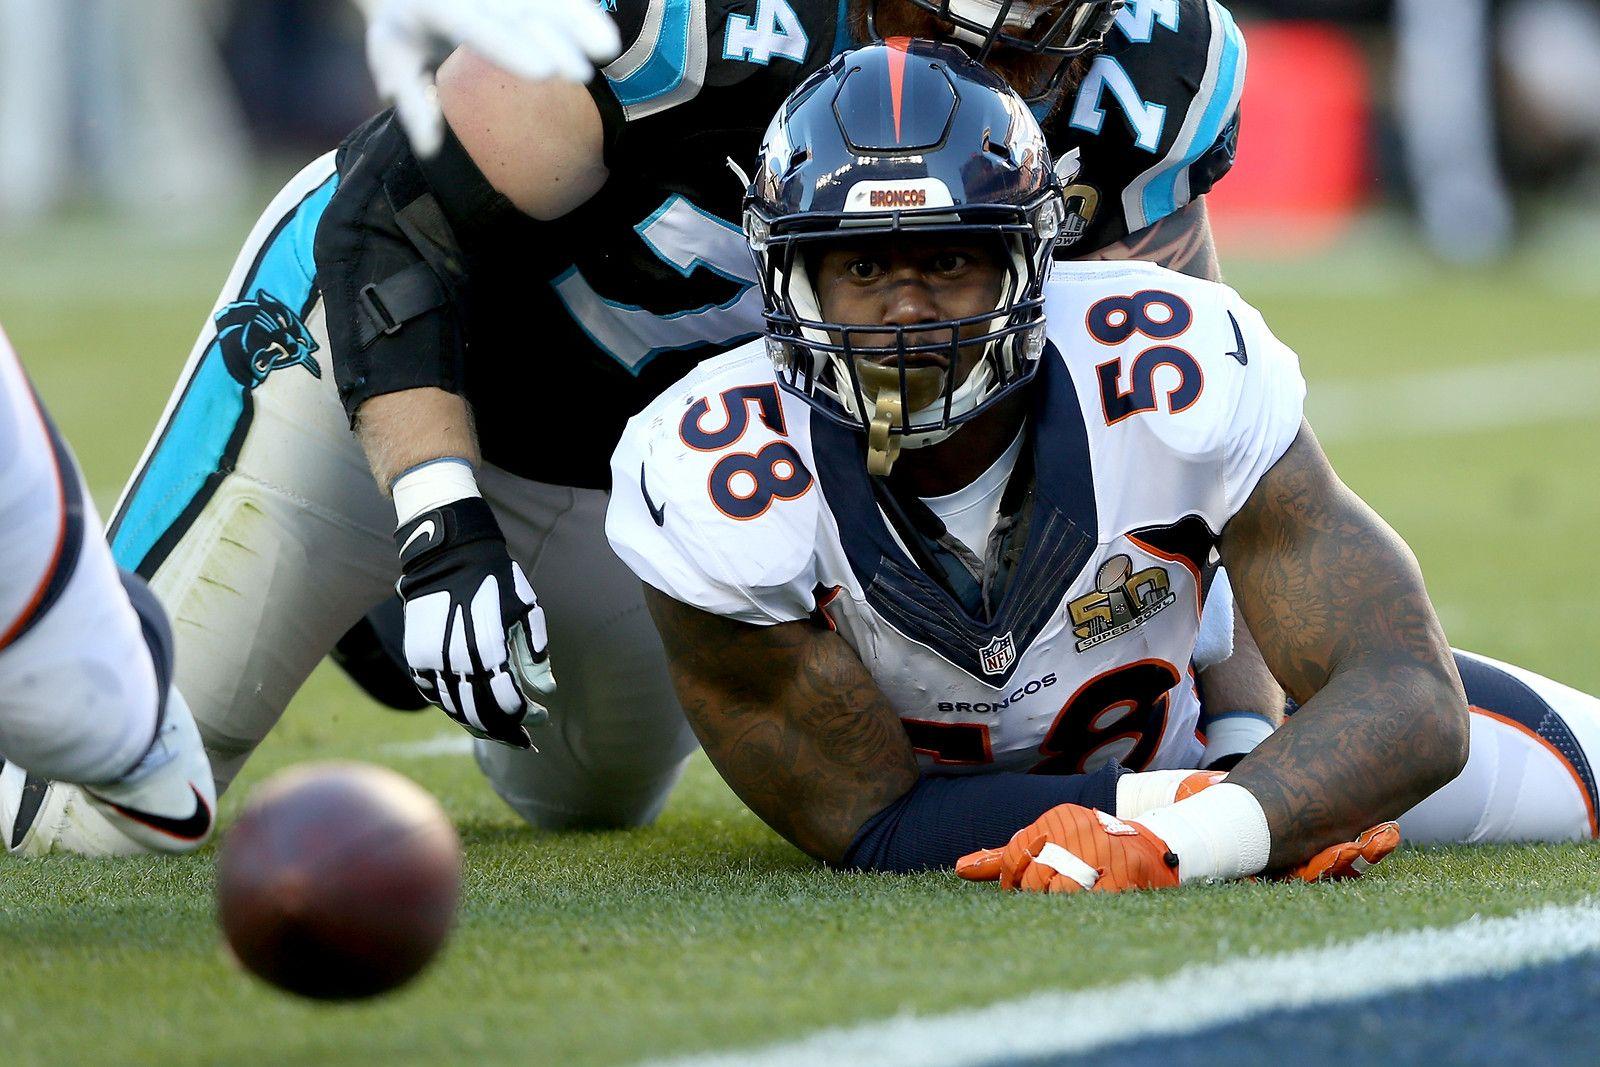 Denver Broncos Vs Carolina Panthers Nfl Super Bowl 50 Photos Carolina Panthers Denver Broncos Broncos